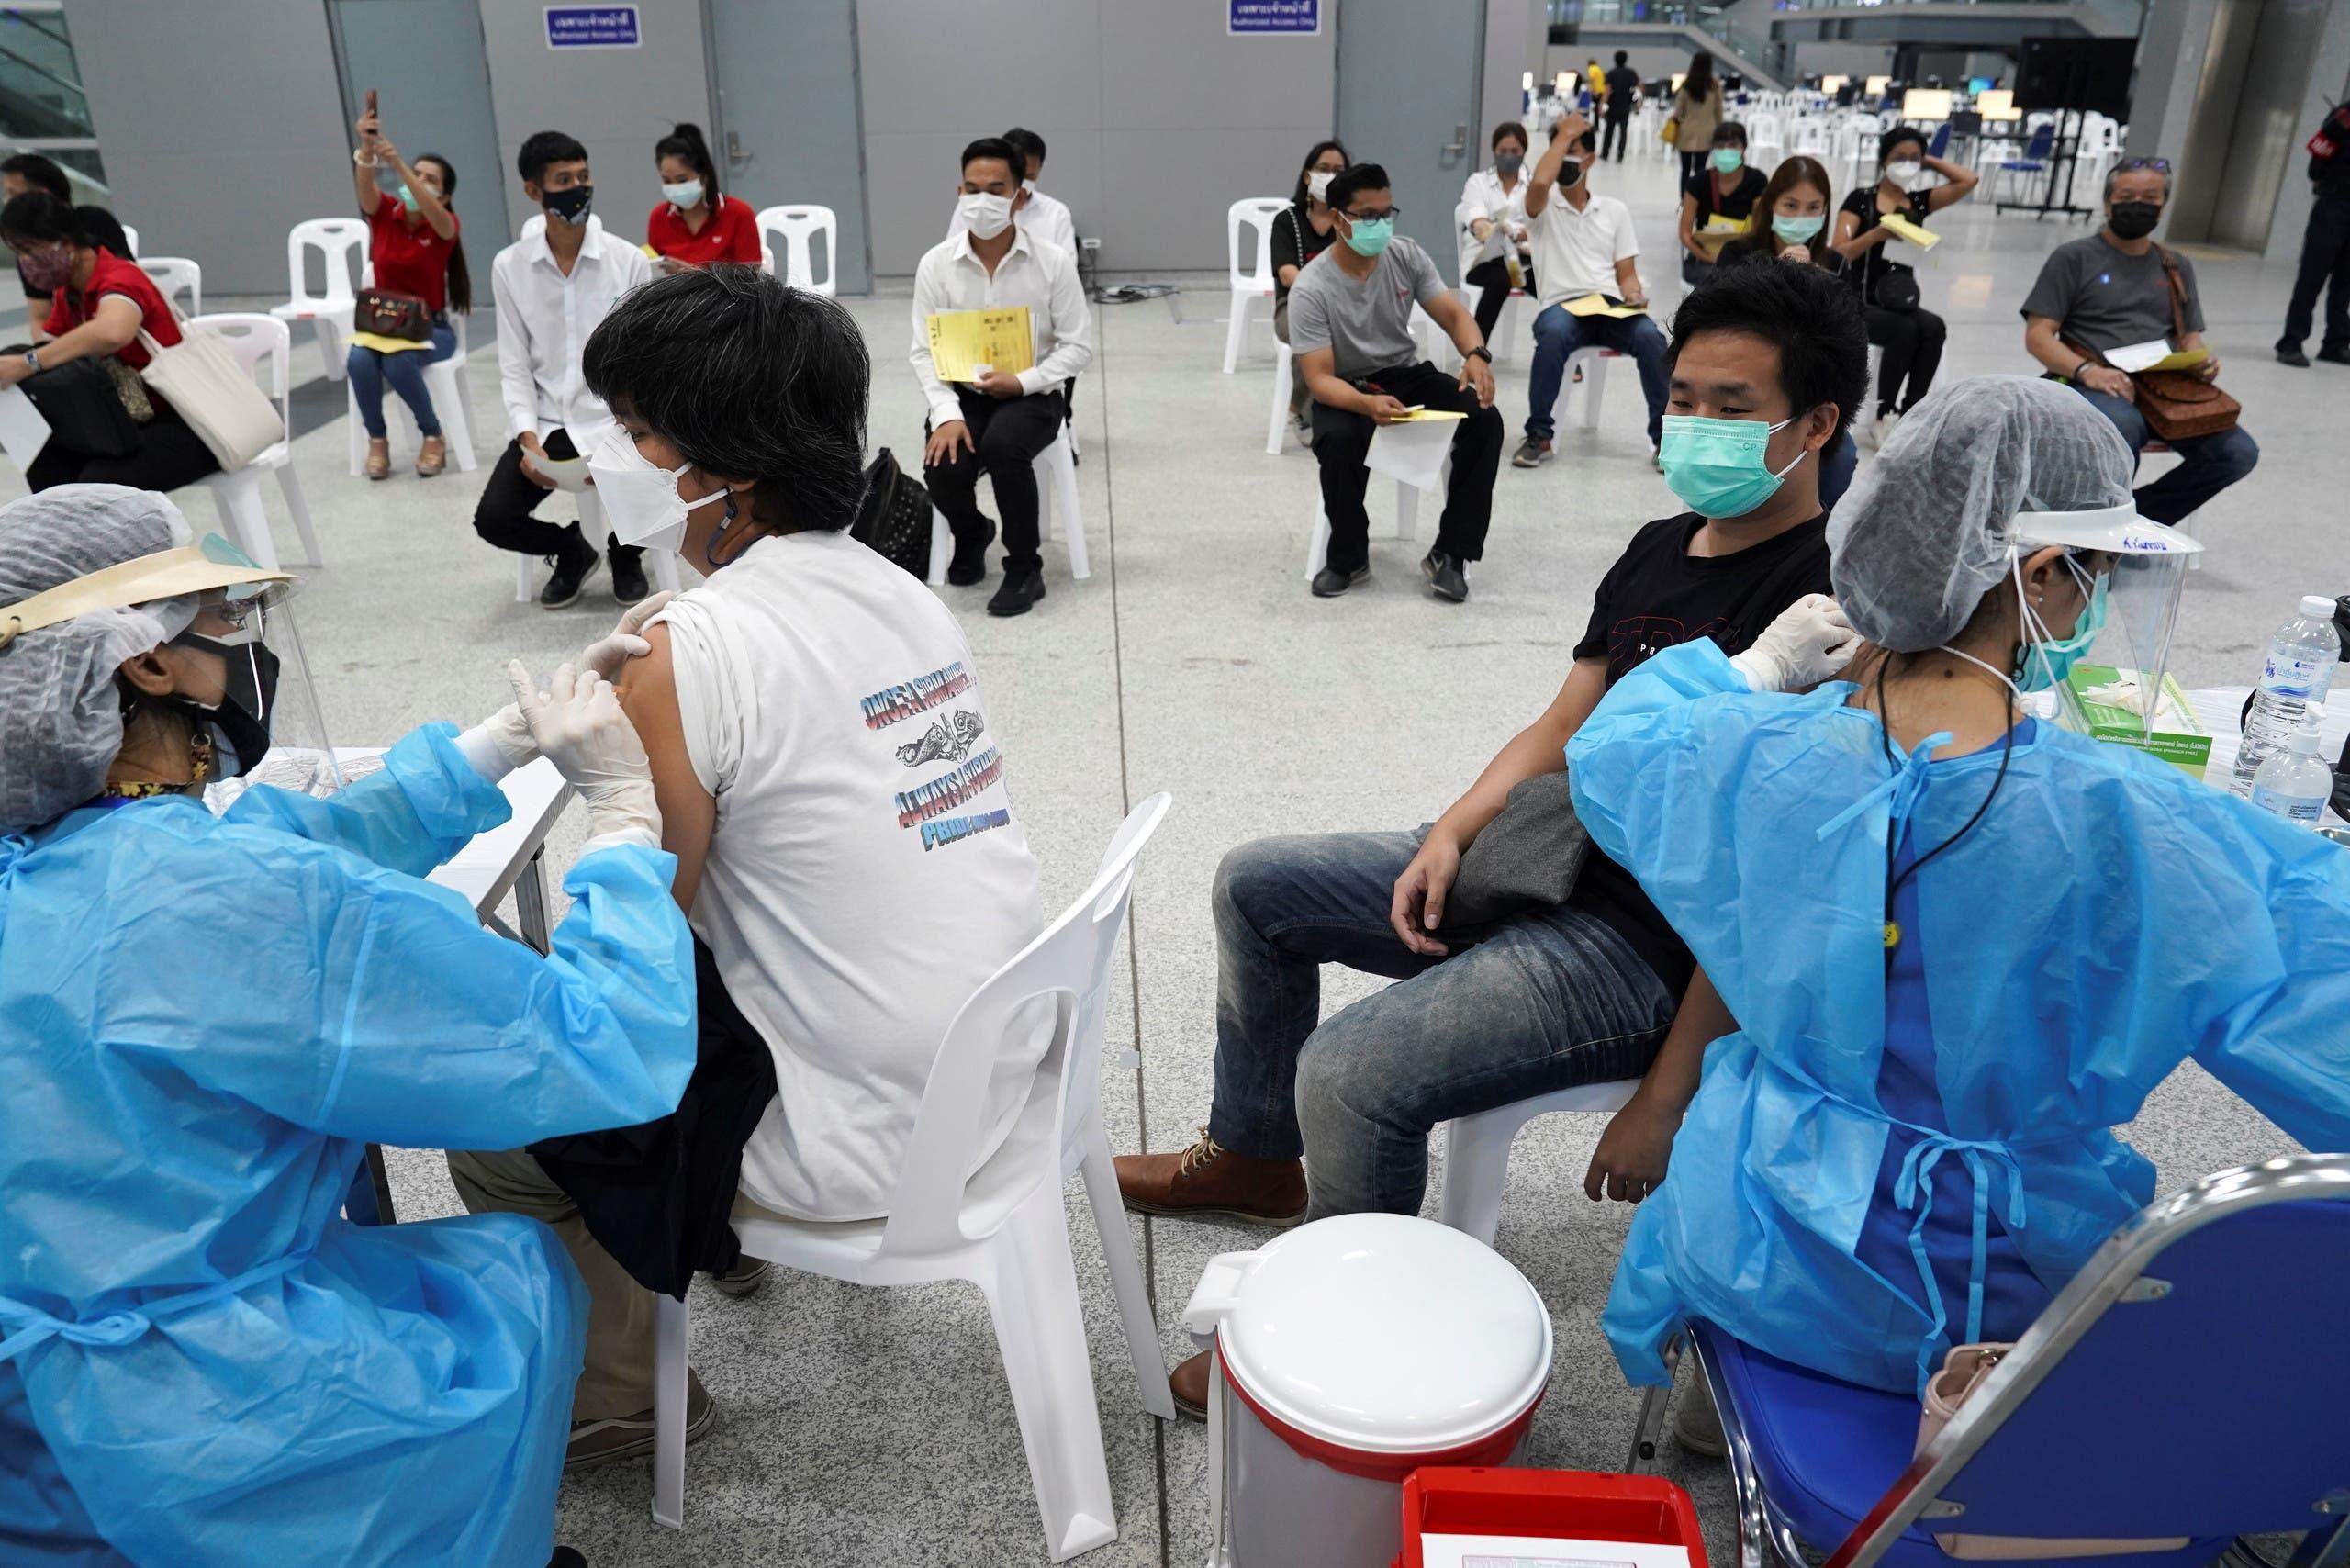 من حملة التطعيم في تايلاند